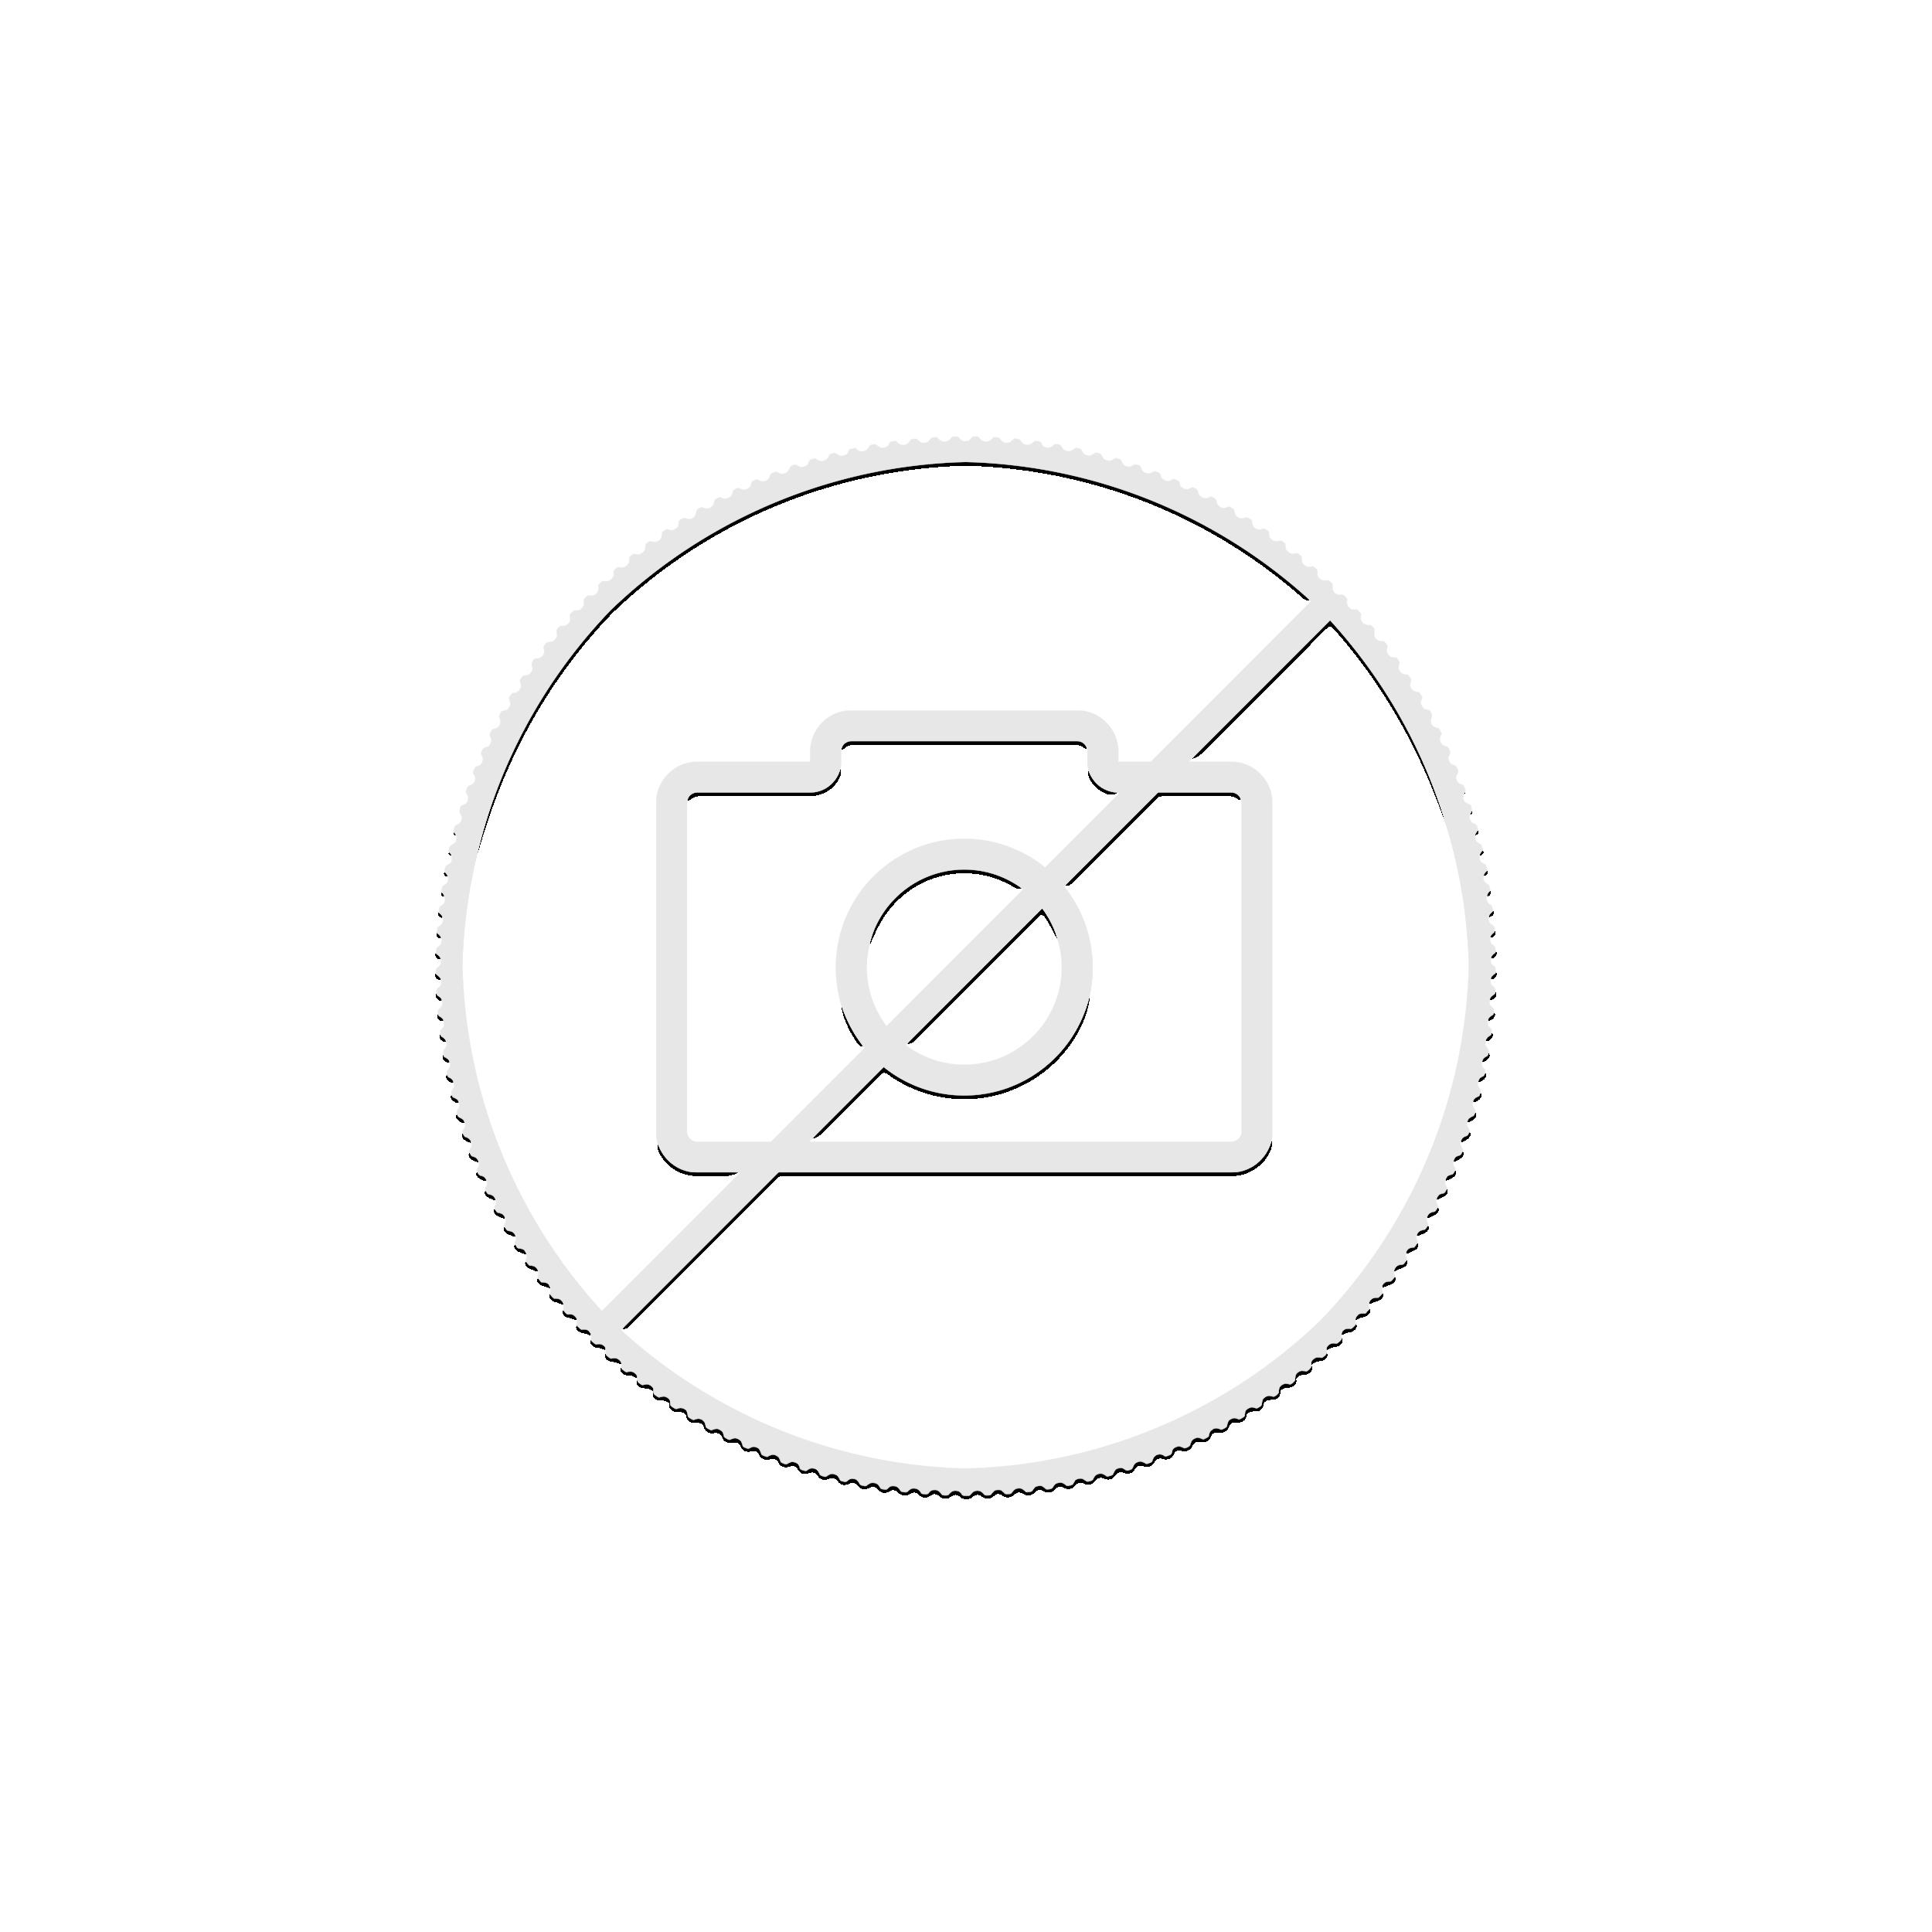 3 troy ounce zilveren munt Kameroen - Uranus 2020